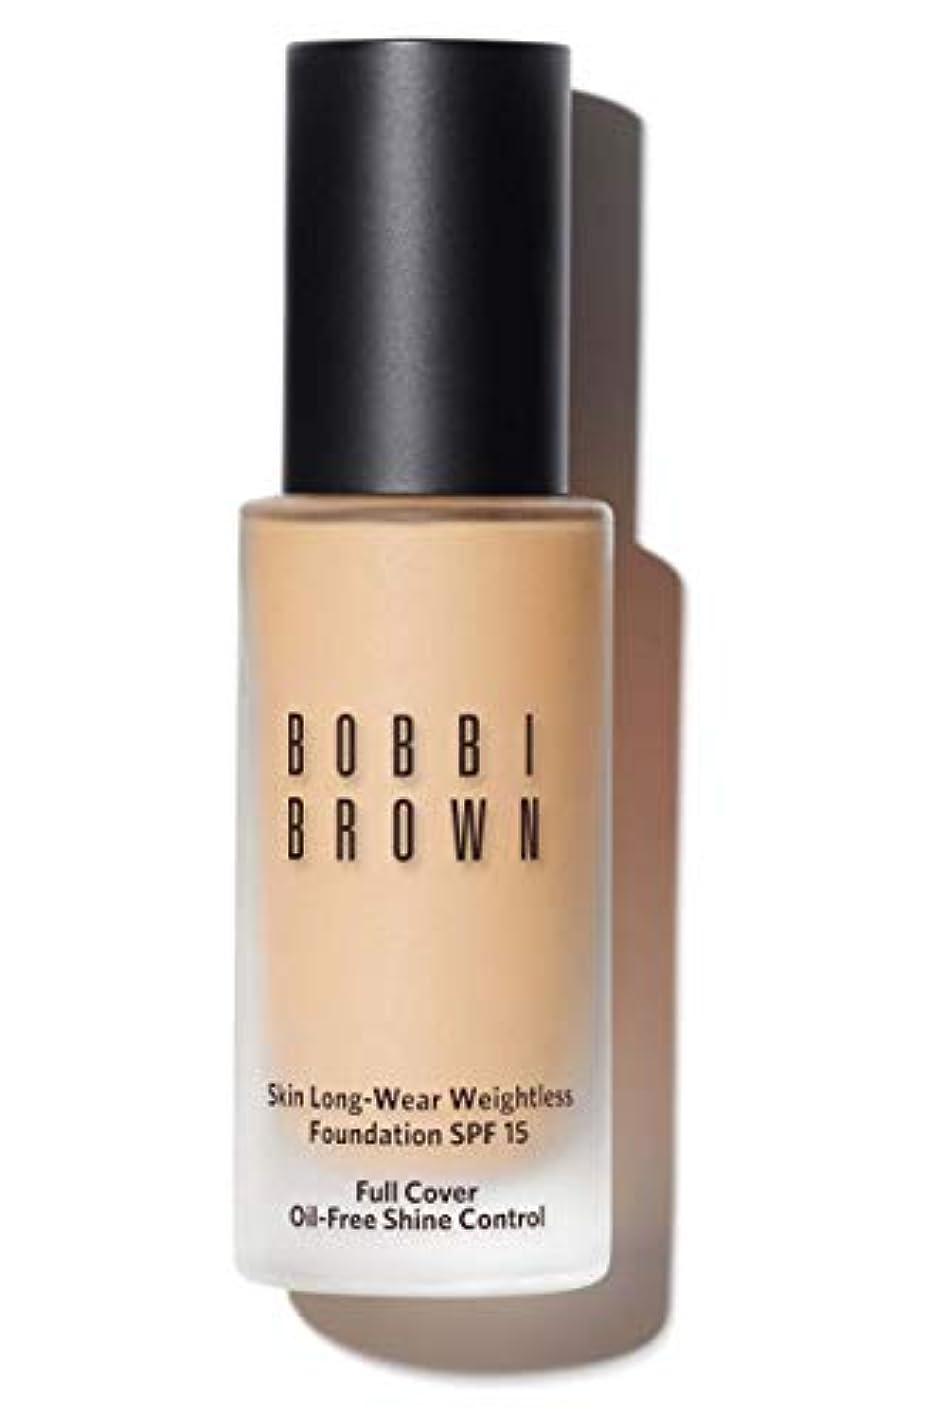 量私たちの暴露するボビイ ブラウン Skin Long Wear Weightless Foundation SPF 15 - # Ivory 30ml/1oz並行輸入品